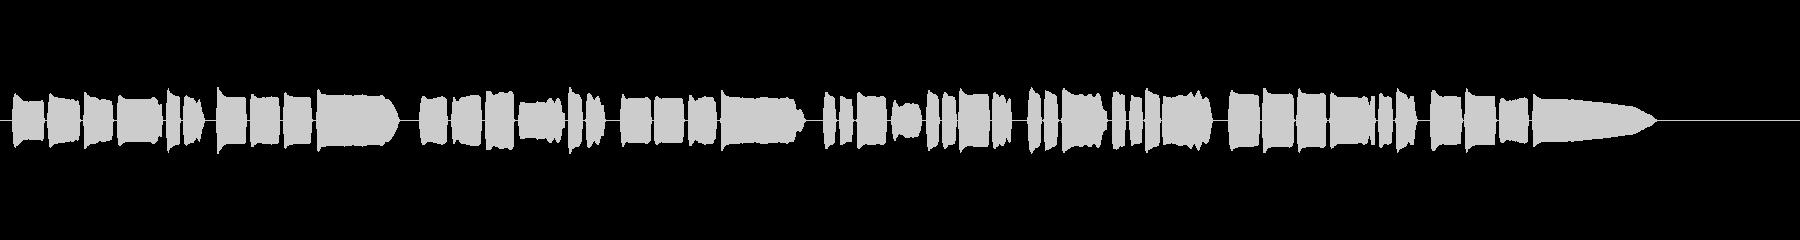 ふるさと(文部省唱歌) リコーダーのみの未再生の波形